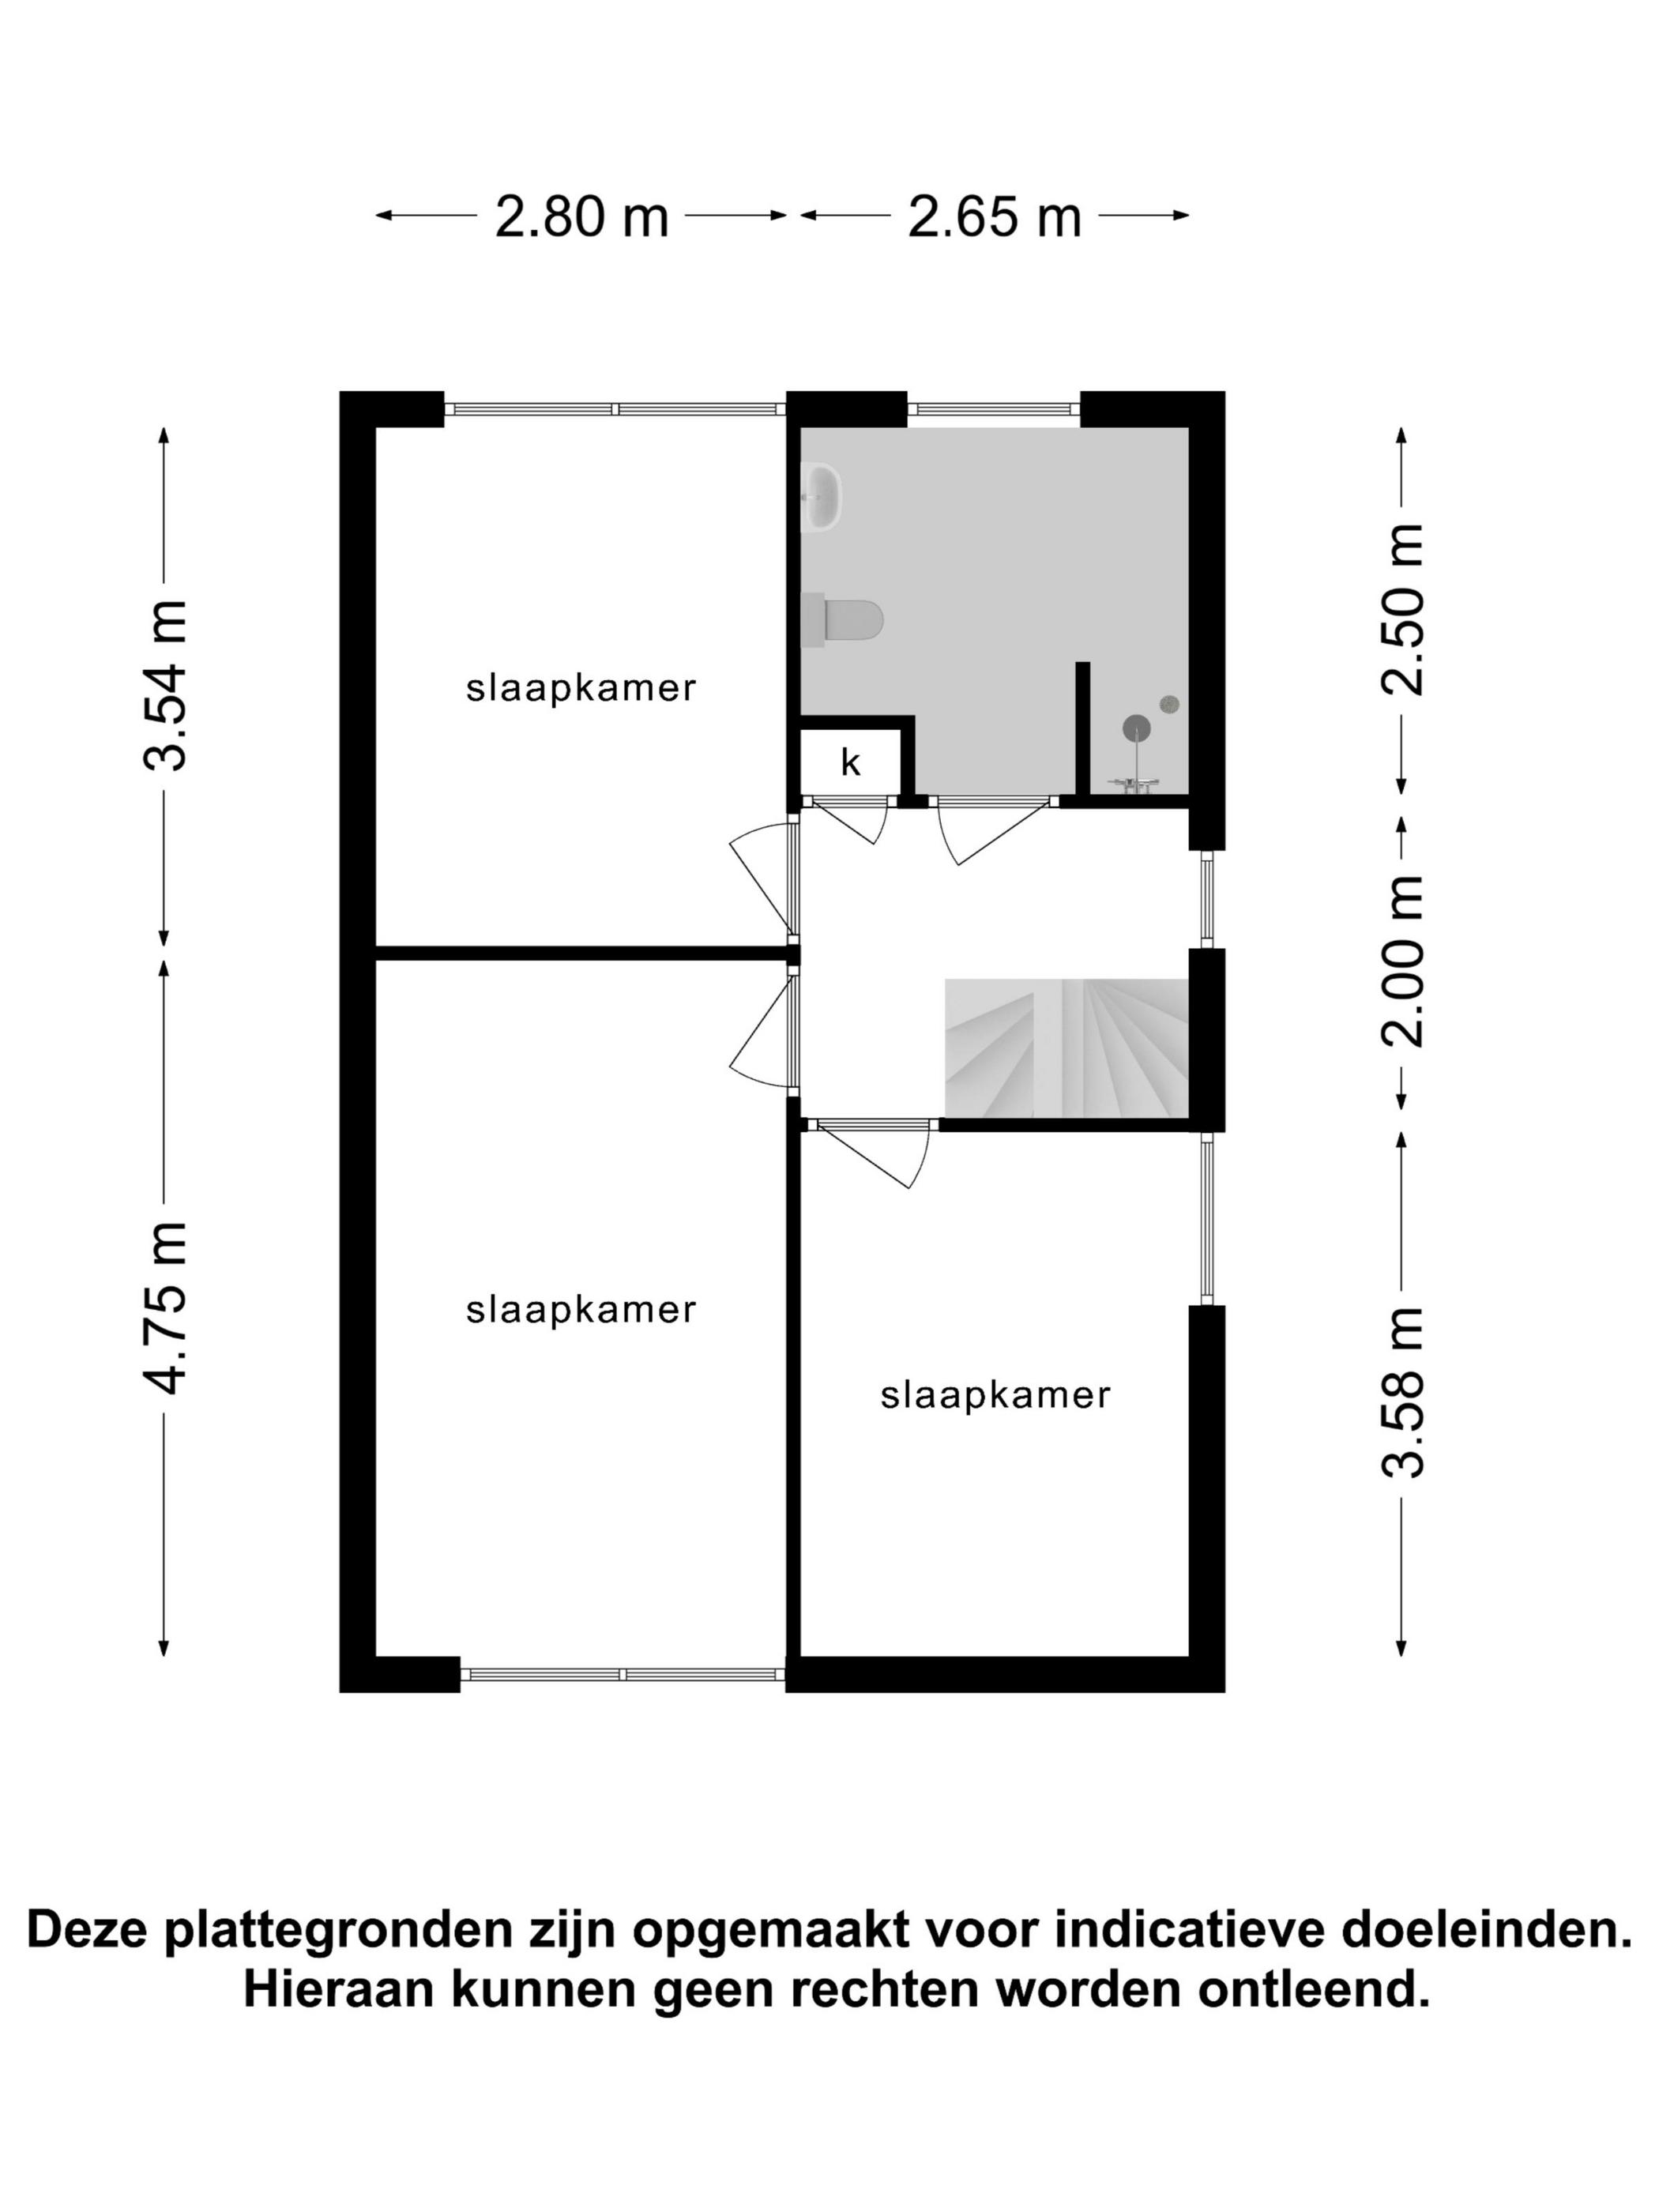 zeino-van-burmaniastrjitte-15-oppenhuizen-plattegrond-65